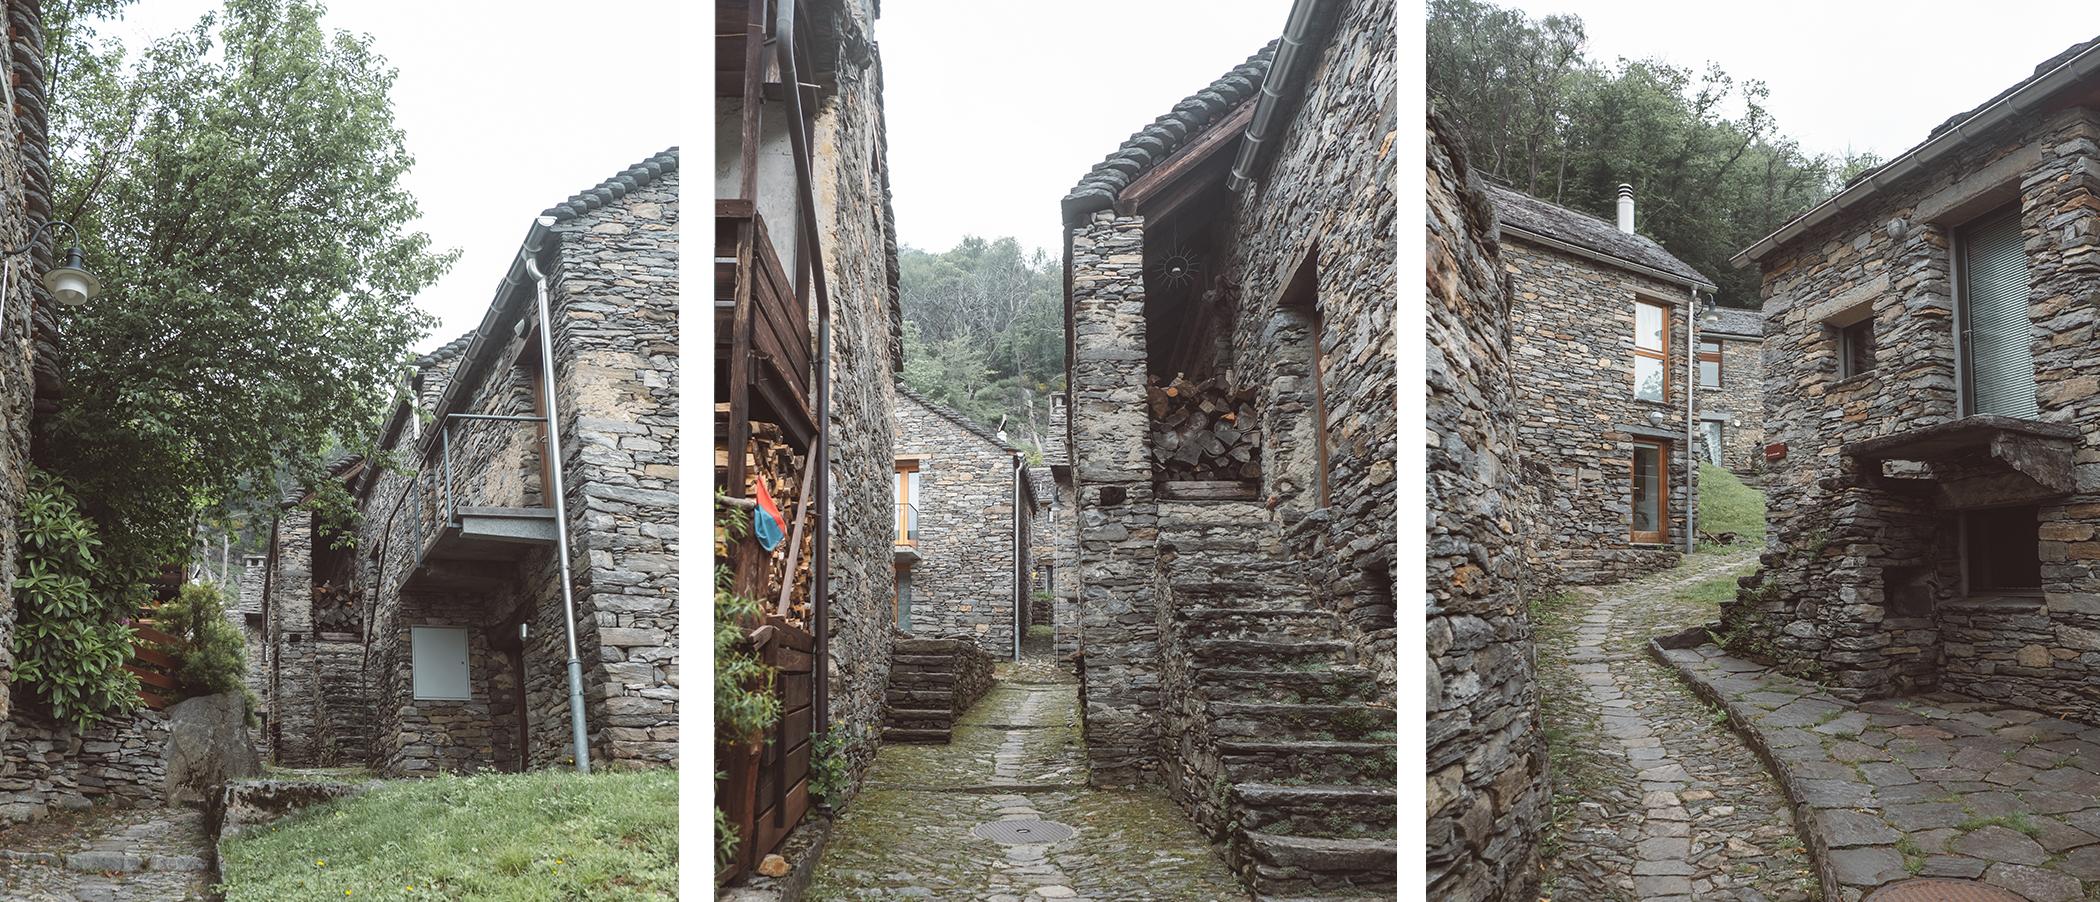 Les rues du pittoresque village de Curzutt